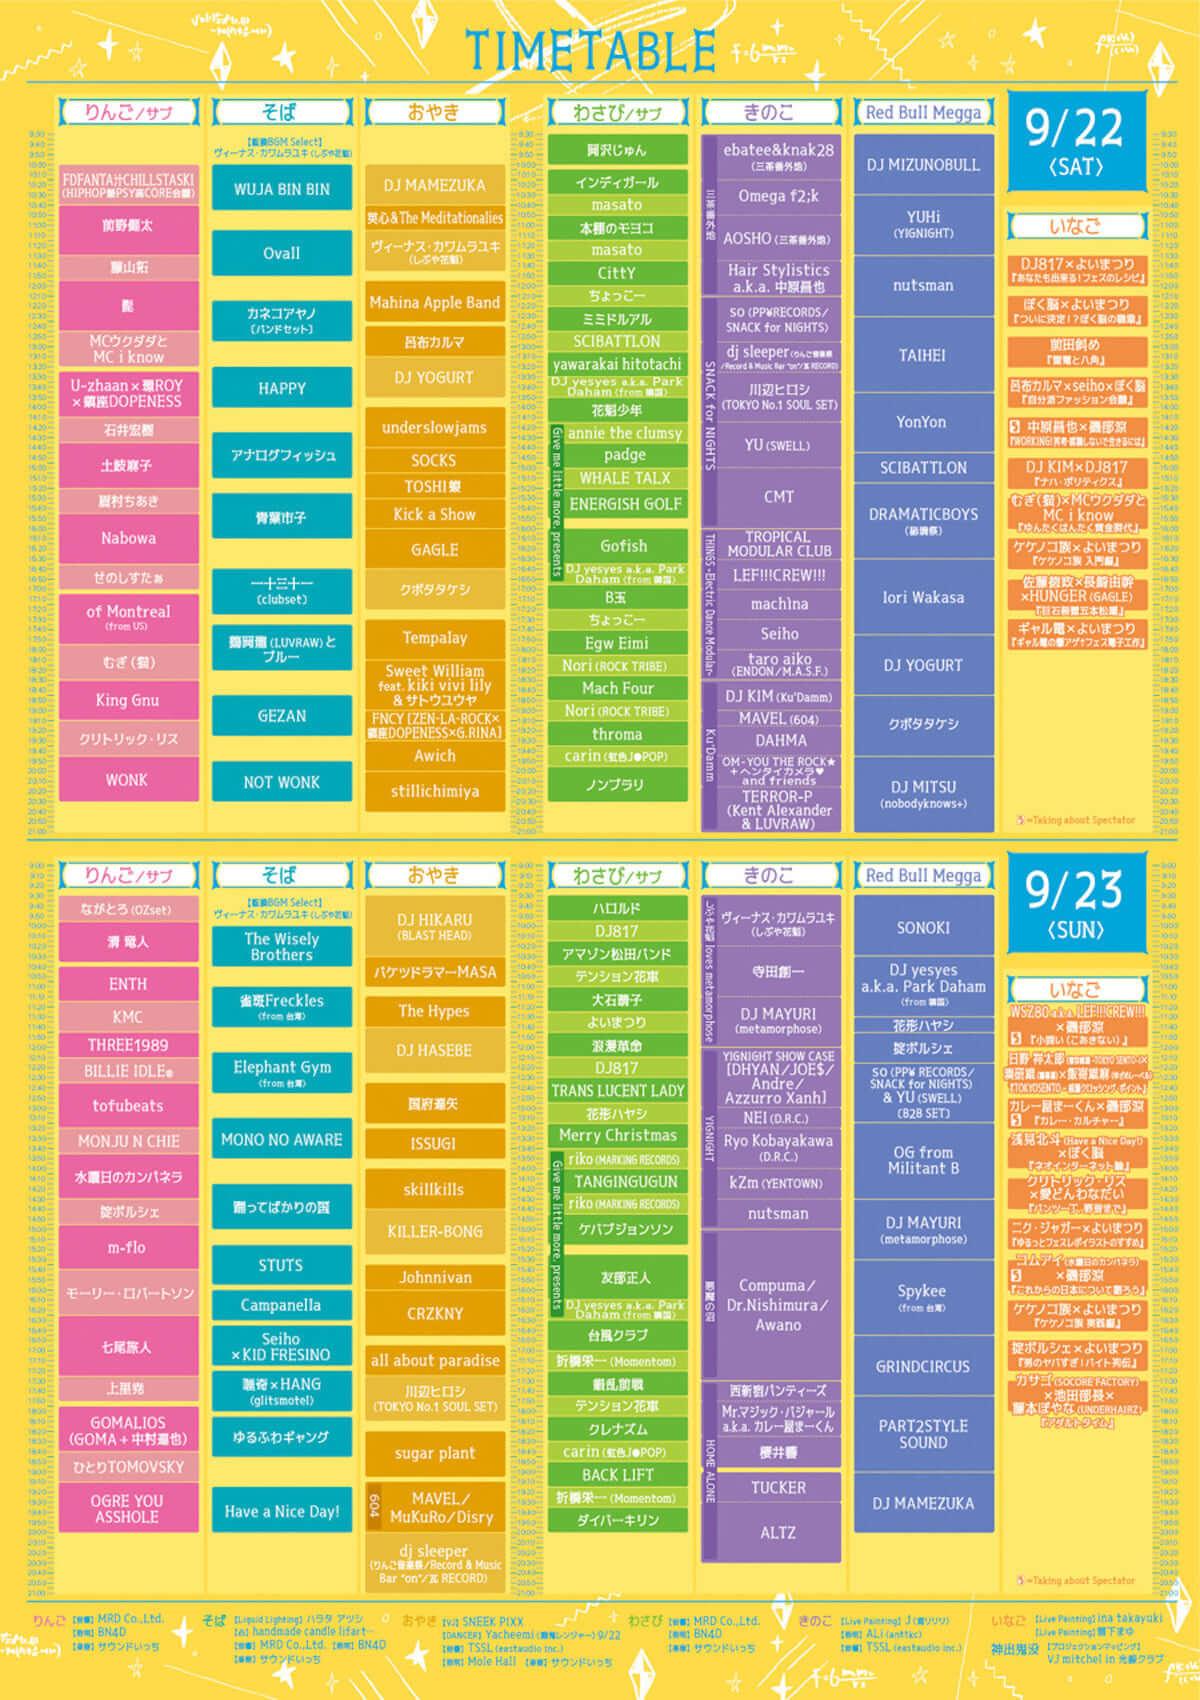 今週末開催!りんご音楽祭2018!先ずは渋谷のラジオ体操でウォームアップしてからフェスへGO! ringofes2018-timetable-1200x1700